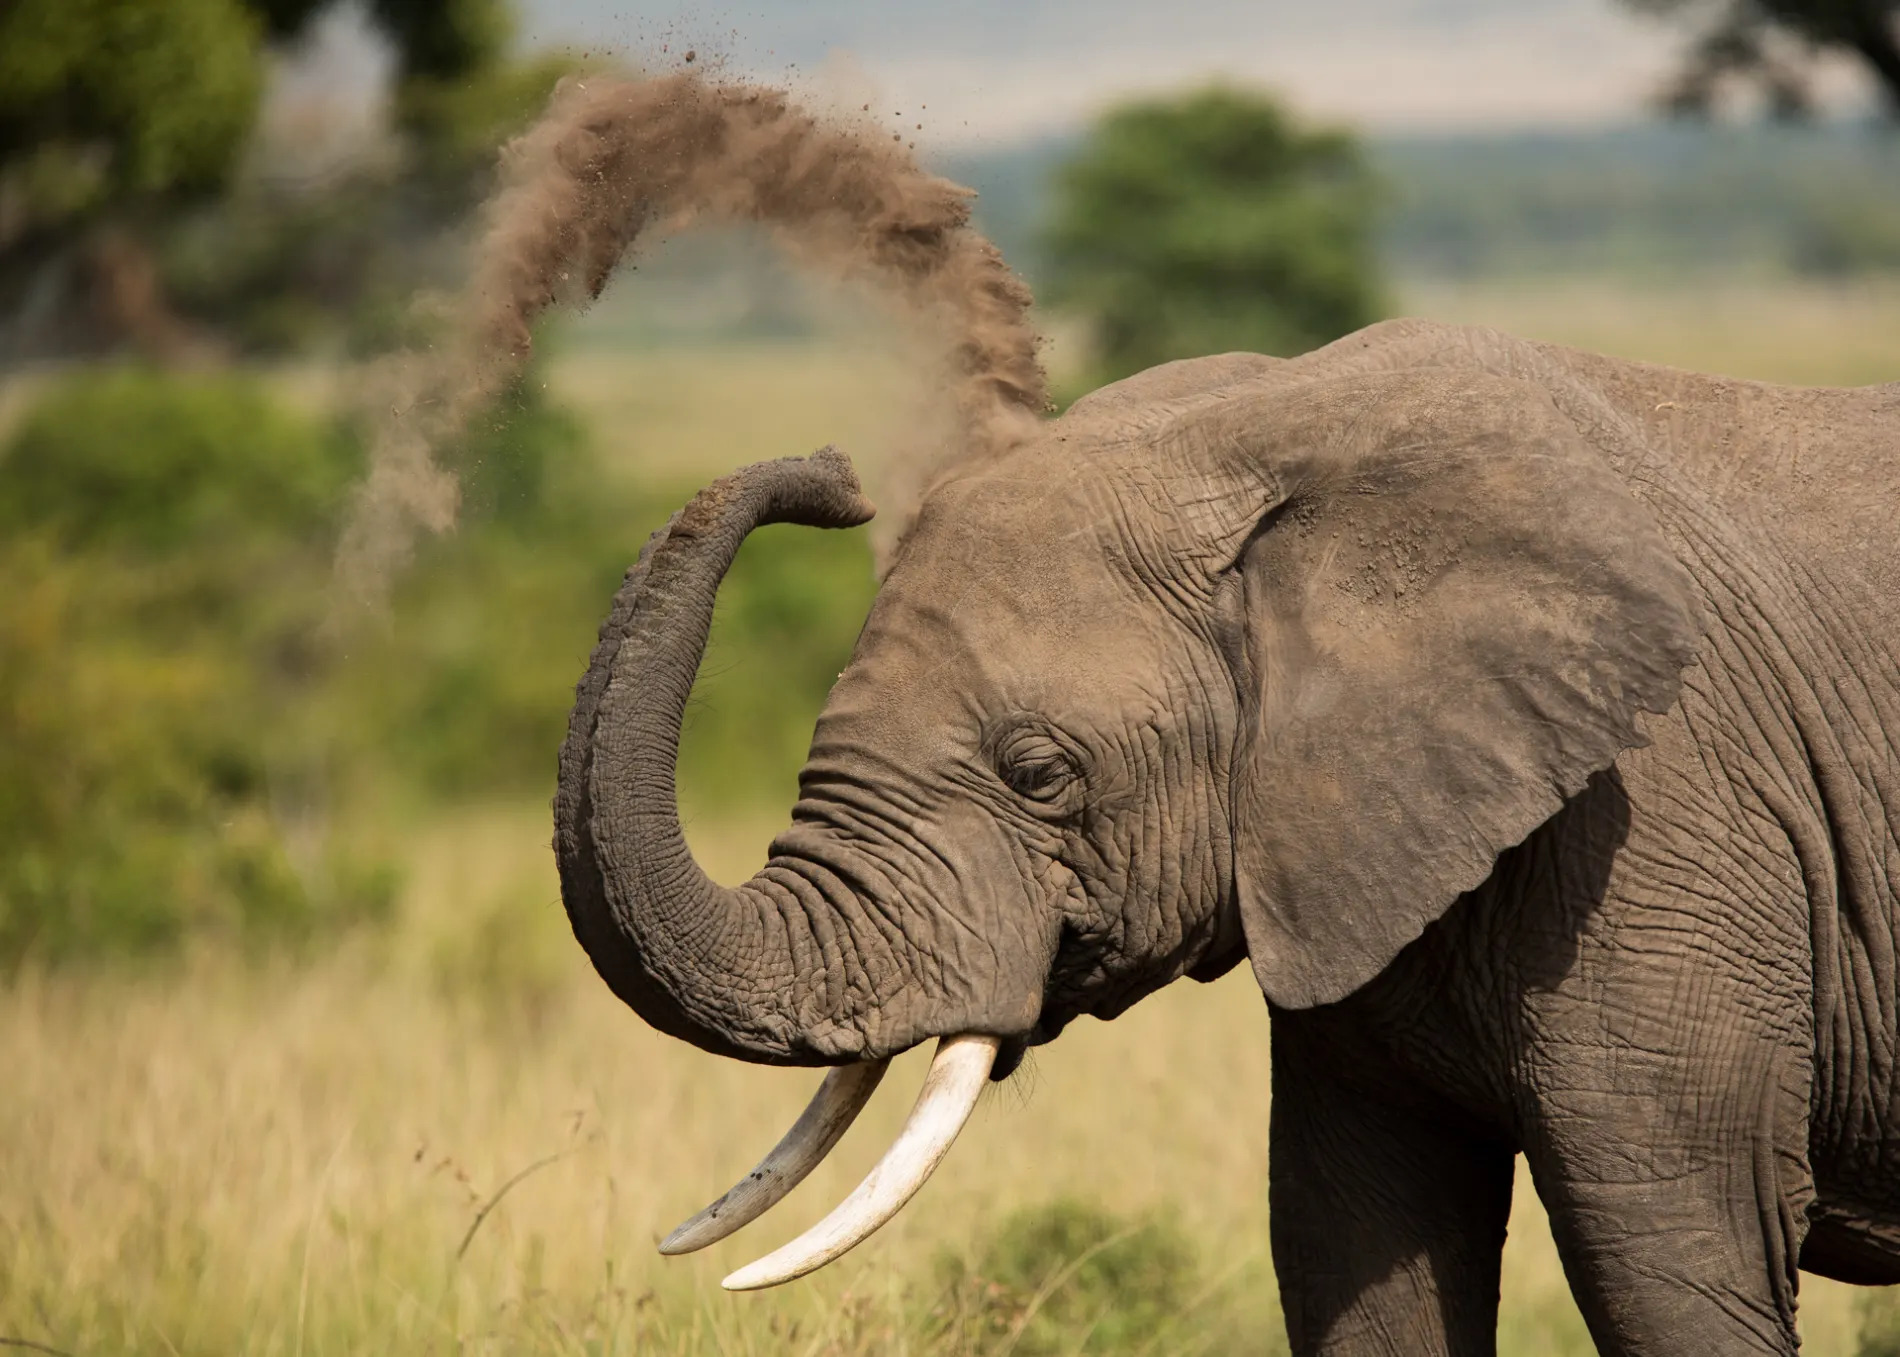 Elephant dustbath